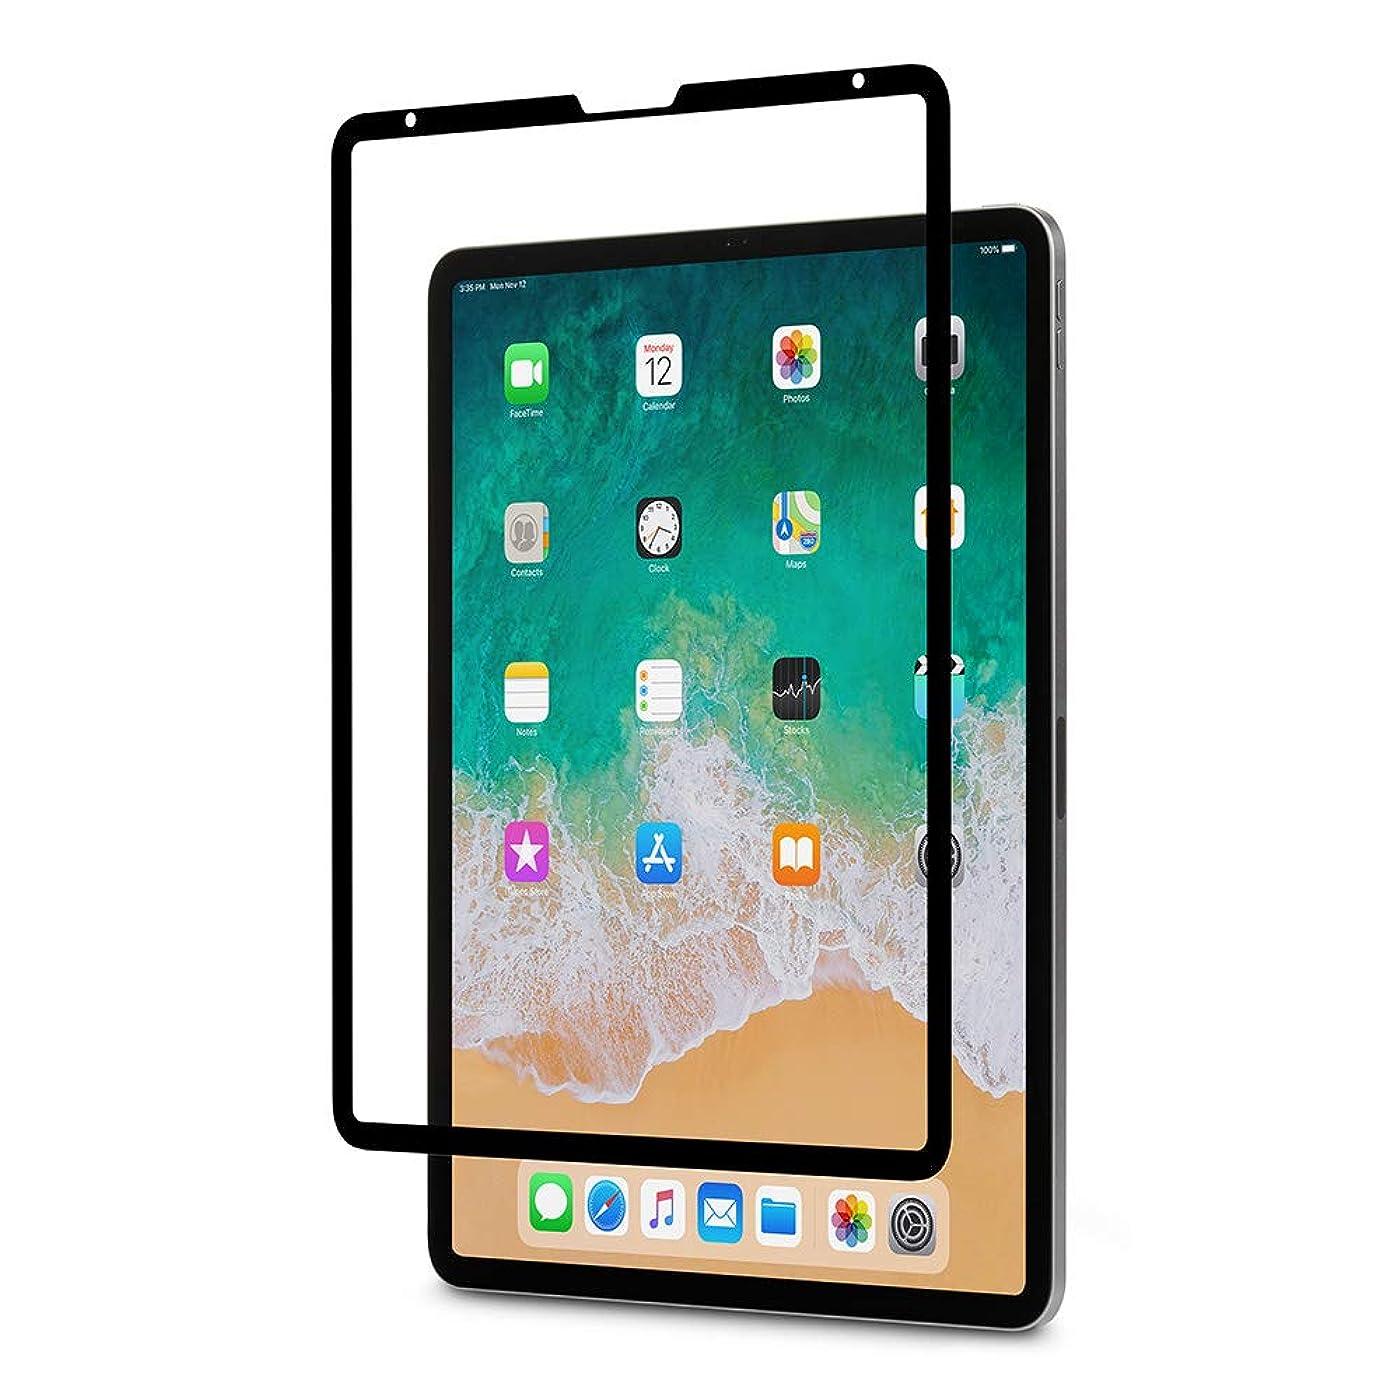 リベラル永続論理的にmoshi iVisor AG for iPad Pro 12.9inch (3rd Gen.)